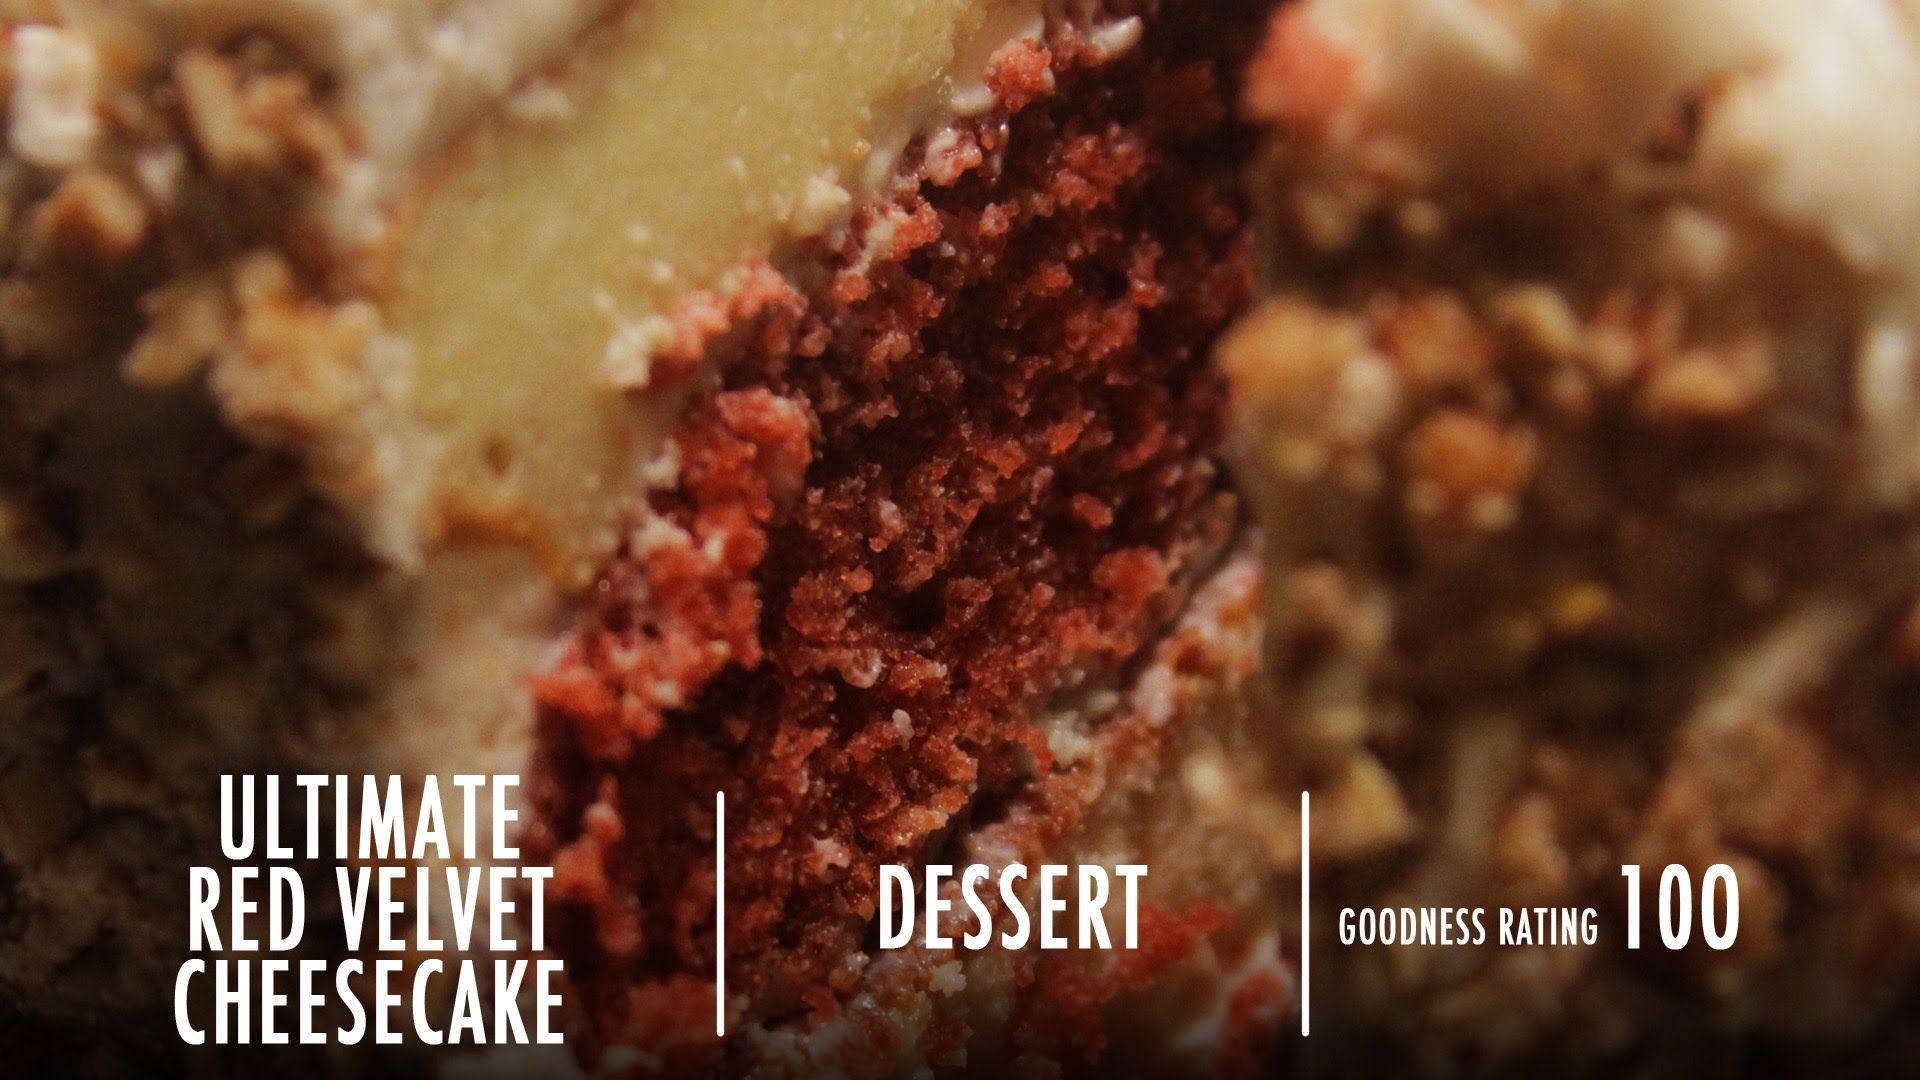 Ultimate RED VELVET Cheesecake